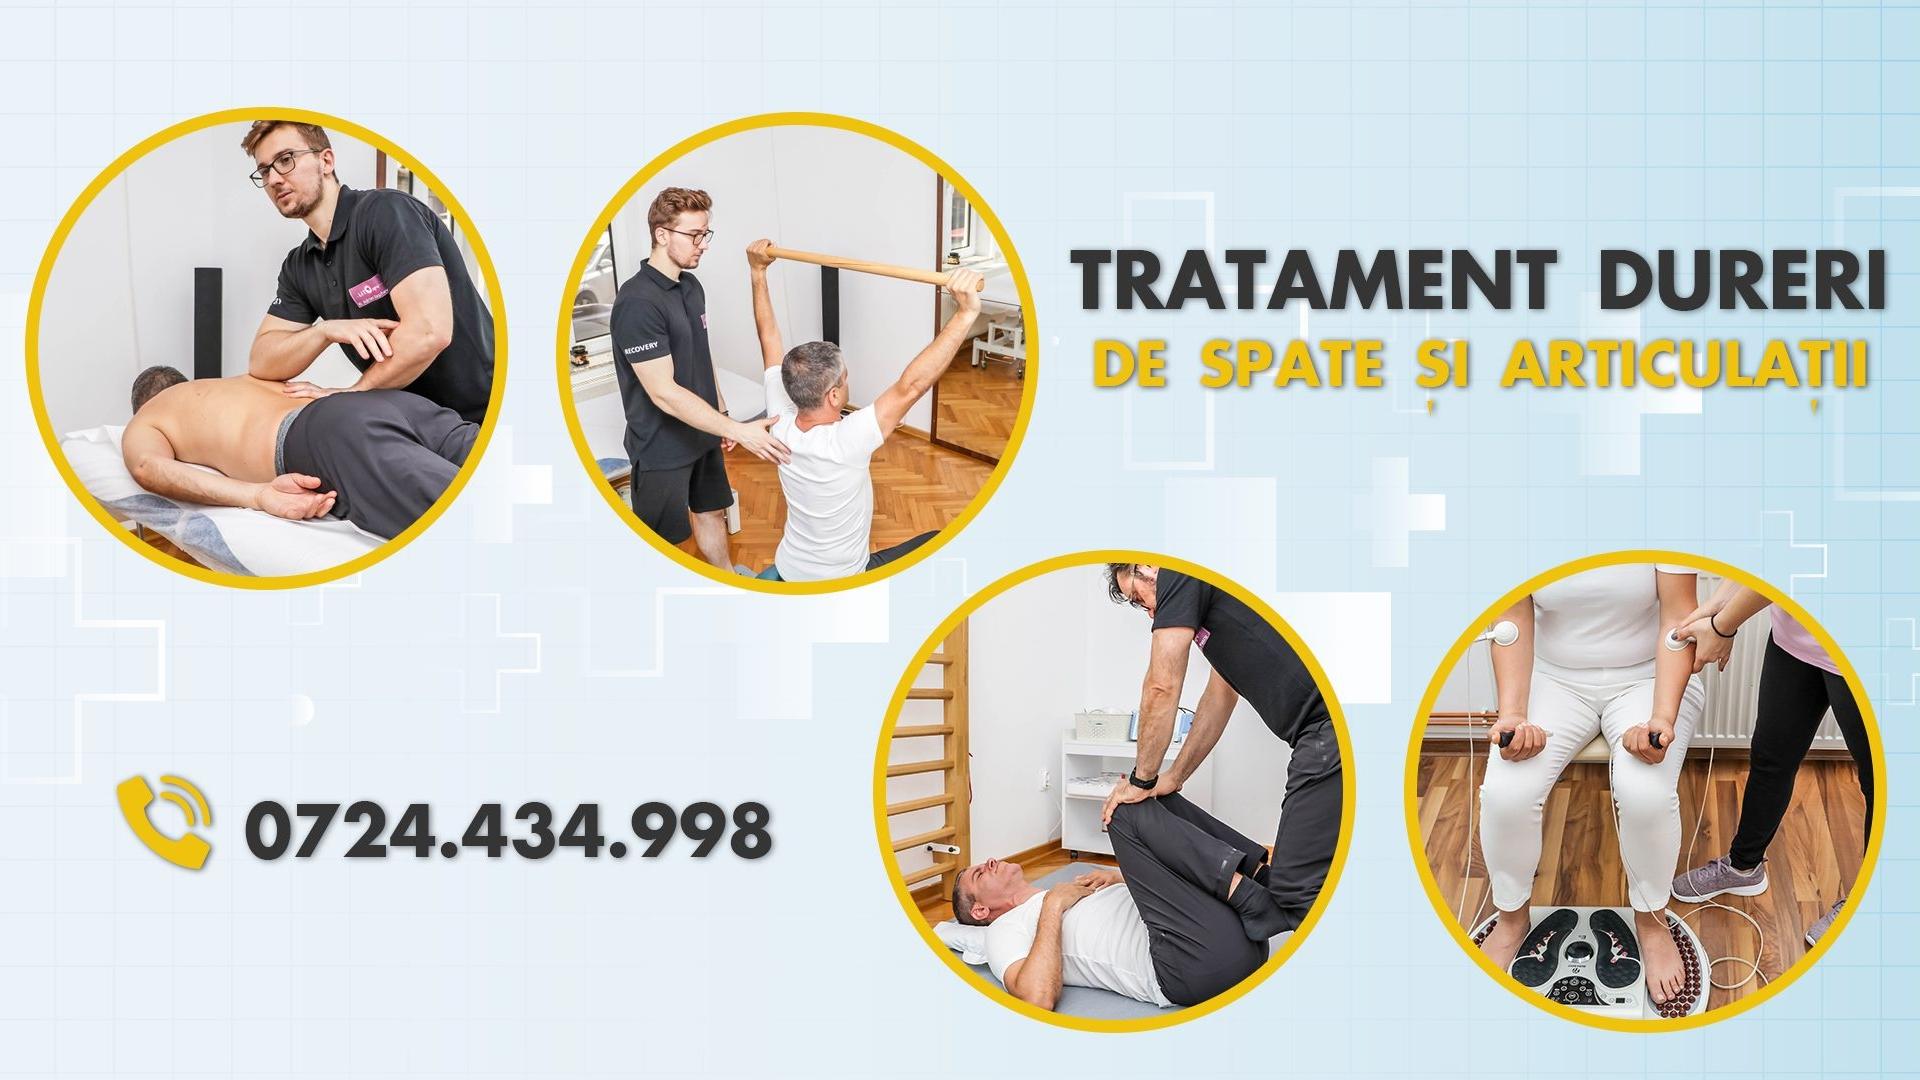 trata durerea în spate și articulații erupții pe picioare și dureri articulare